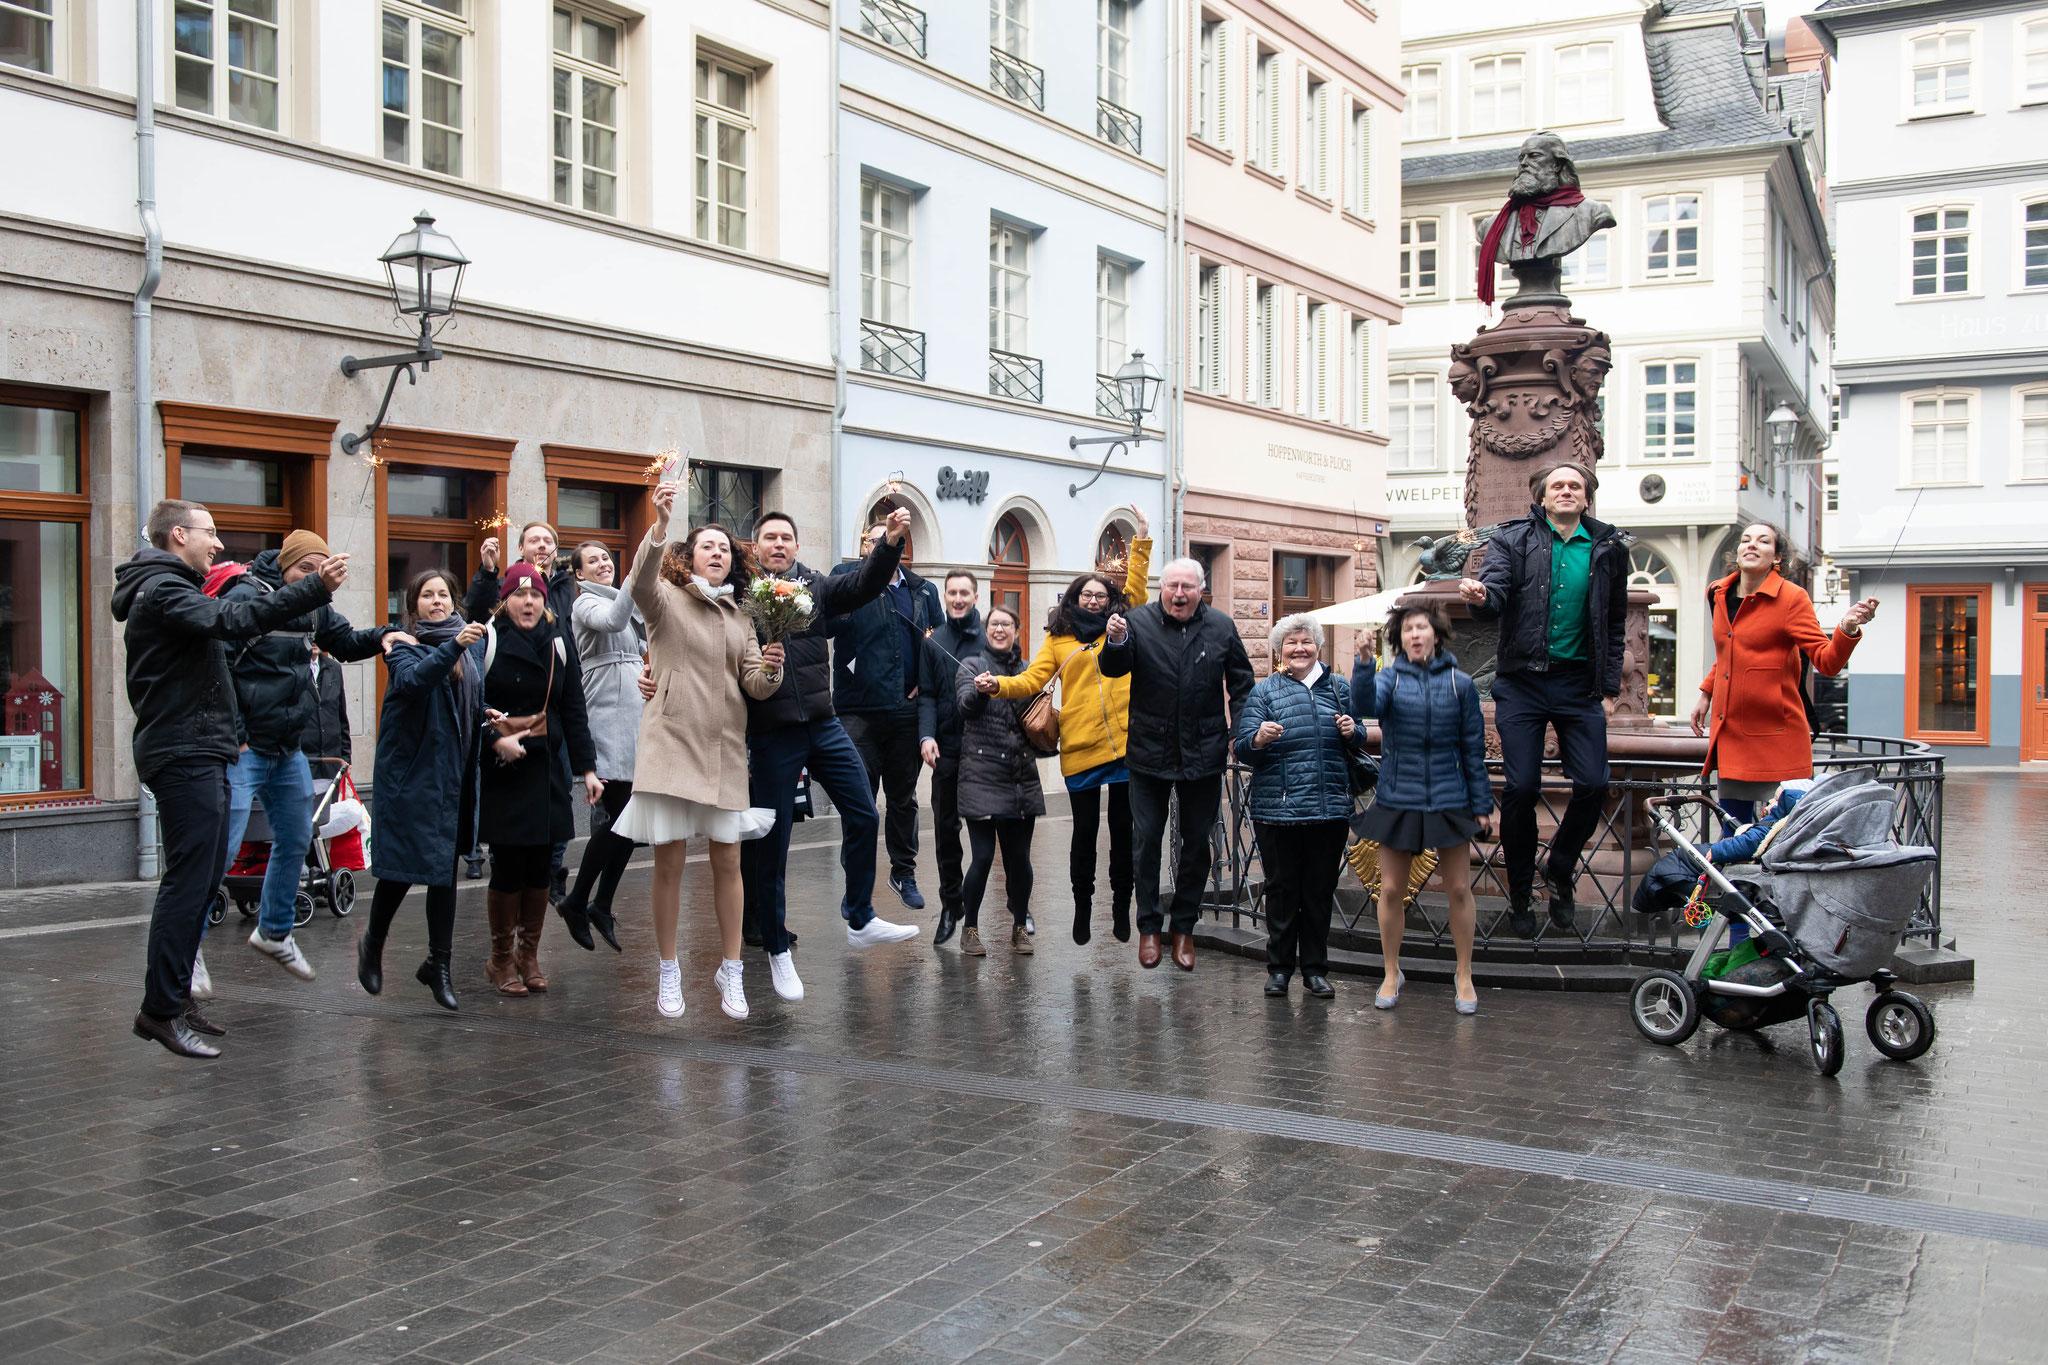 Fotografische Begleitung nach dem Standesamt in Frankfurt oder Umgebung